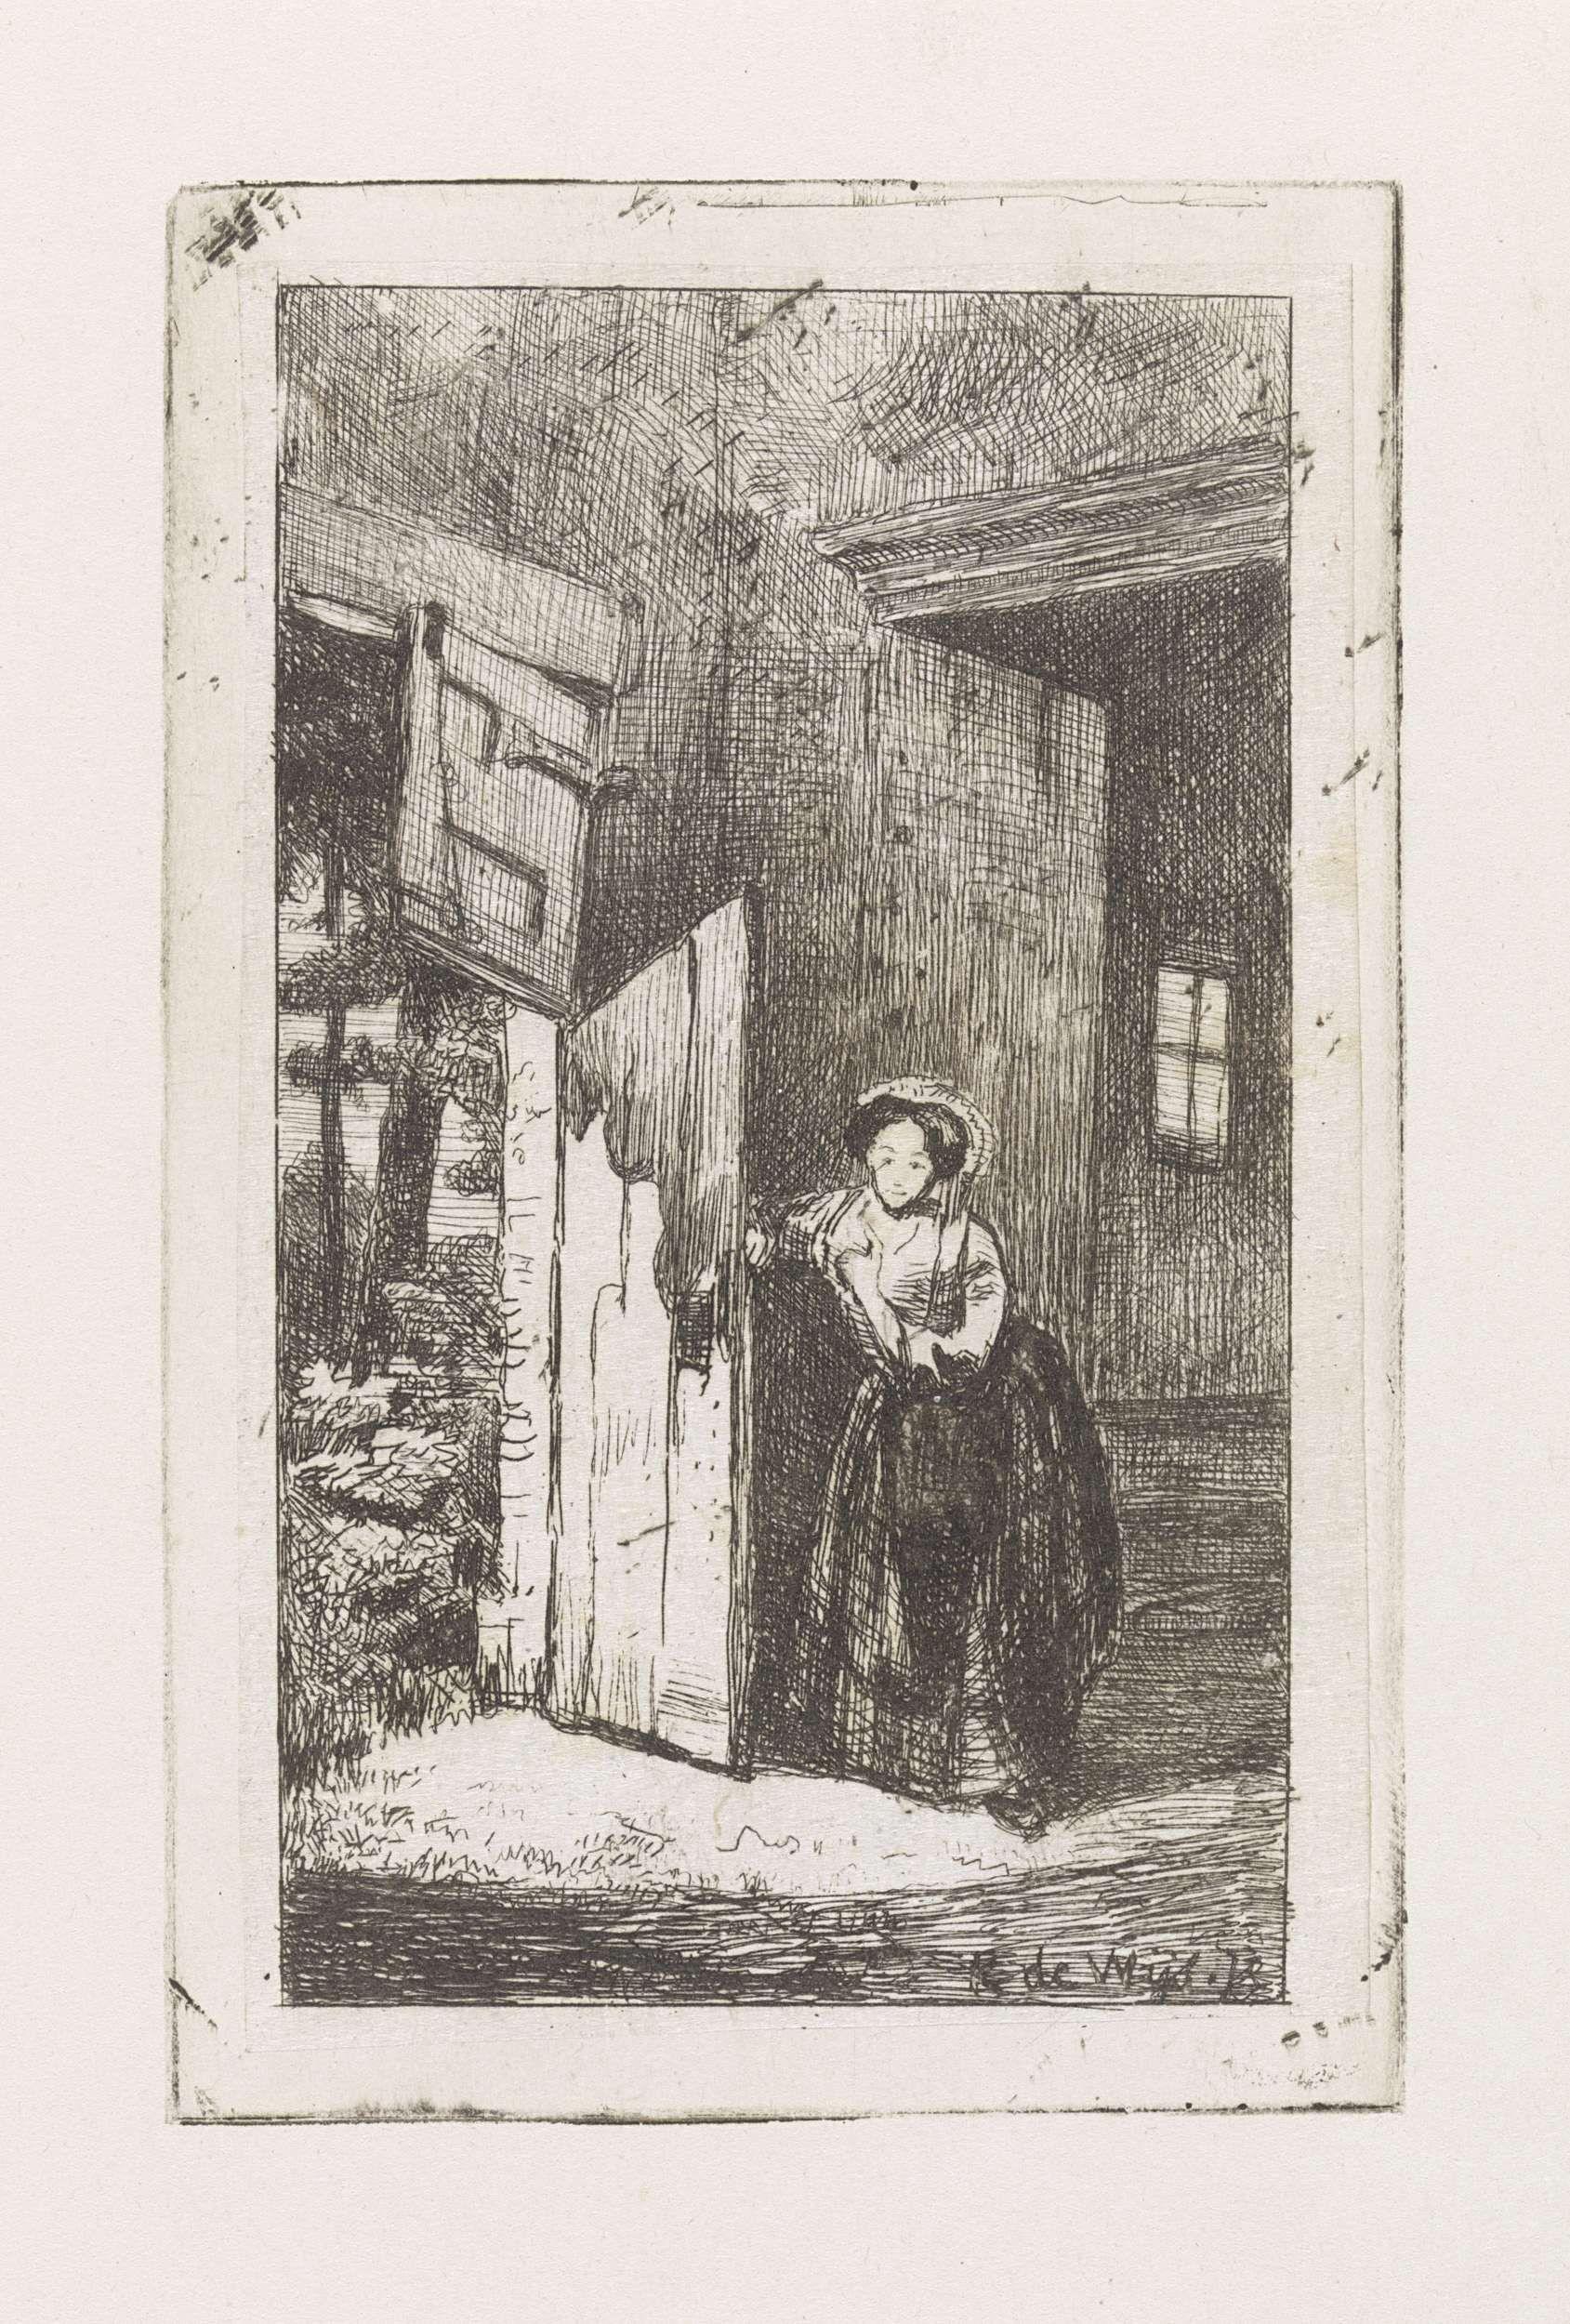 Kornelis Jzn de Wijs | Vrouw opent deur, Kornelis Jzn de Wijs, 1842 - 1896 |